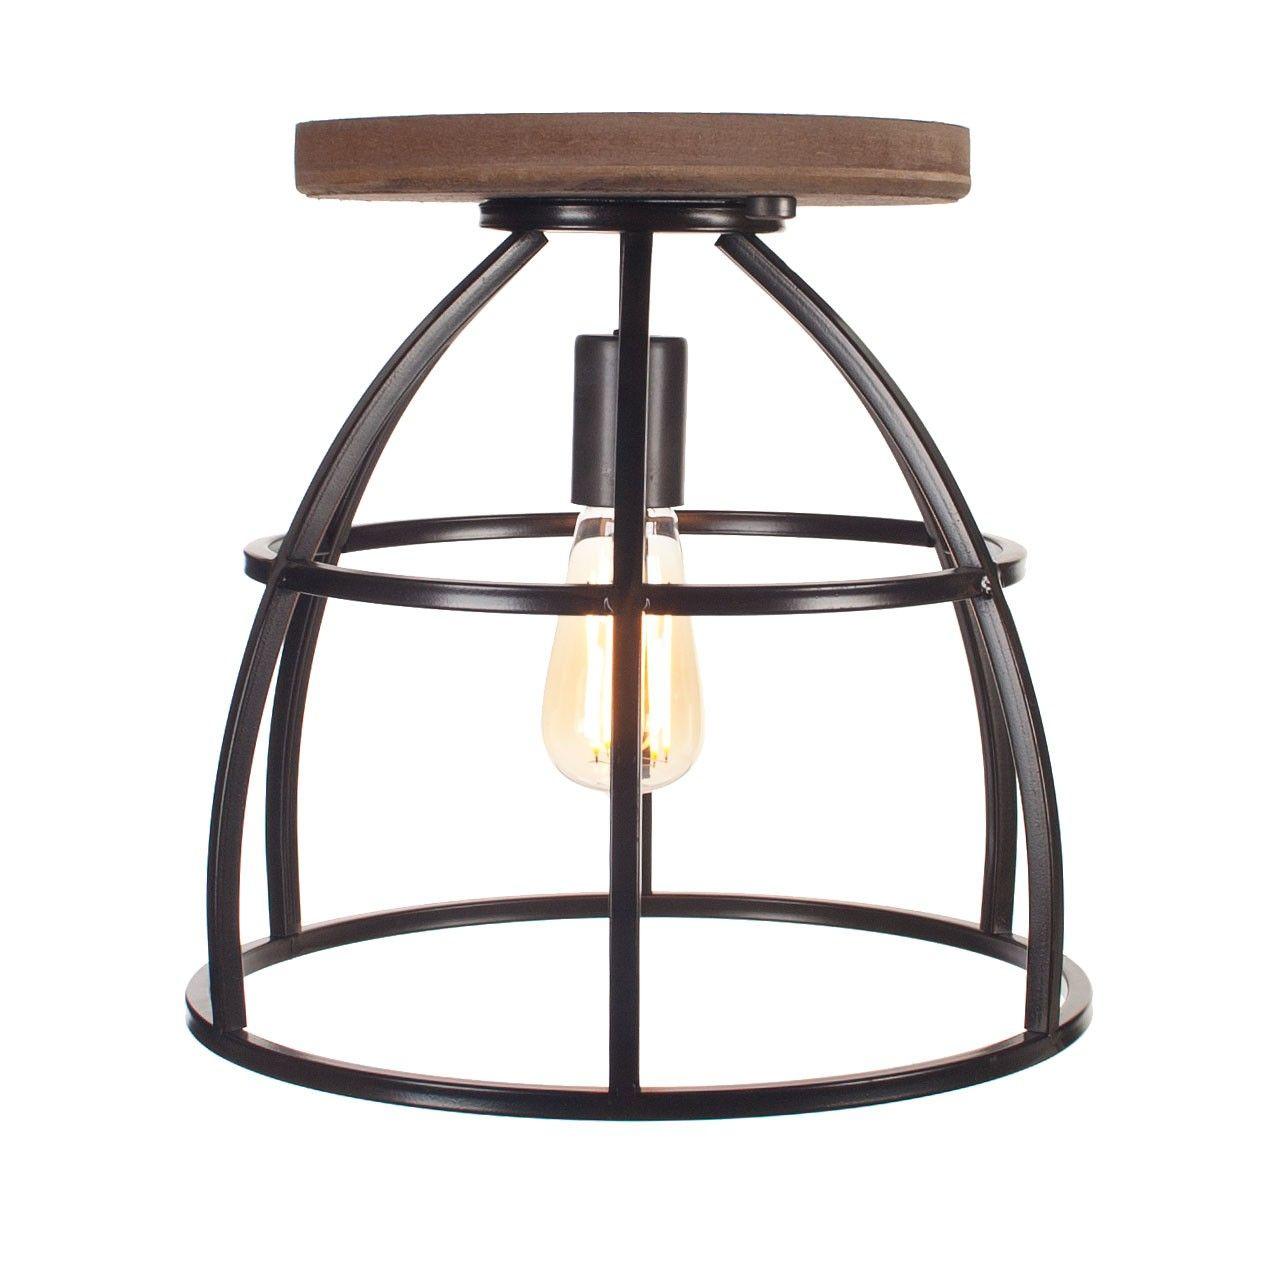 Zwartstaal met hout plafondlamp